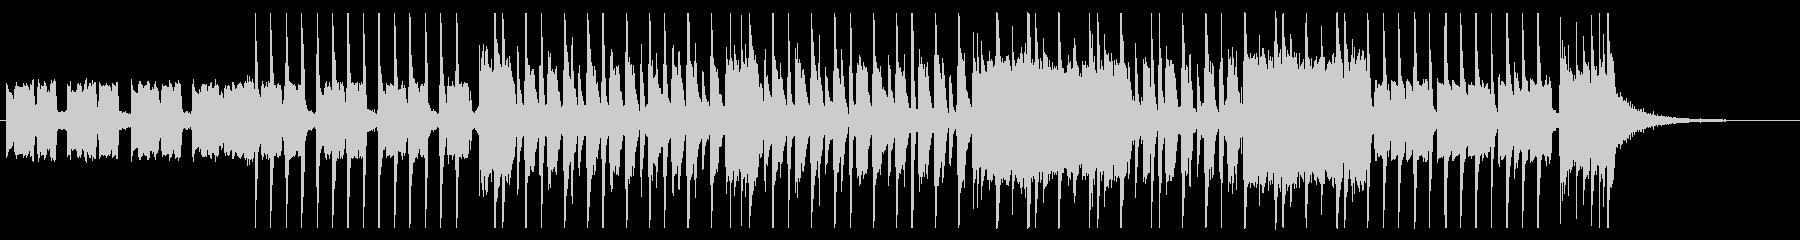 【エレキギター】ファンキー&ブルージーの未再生の波形